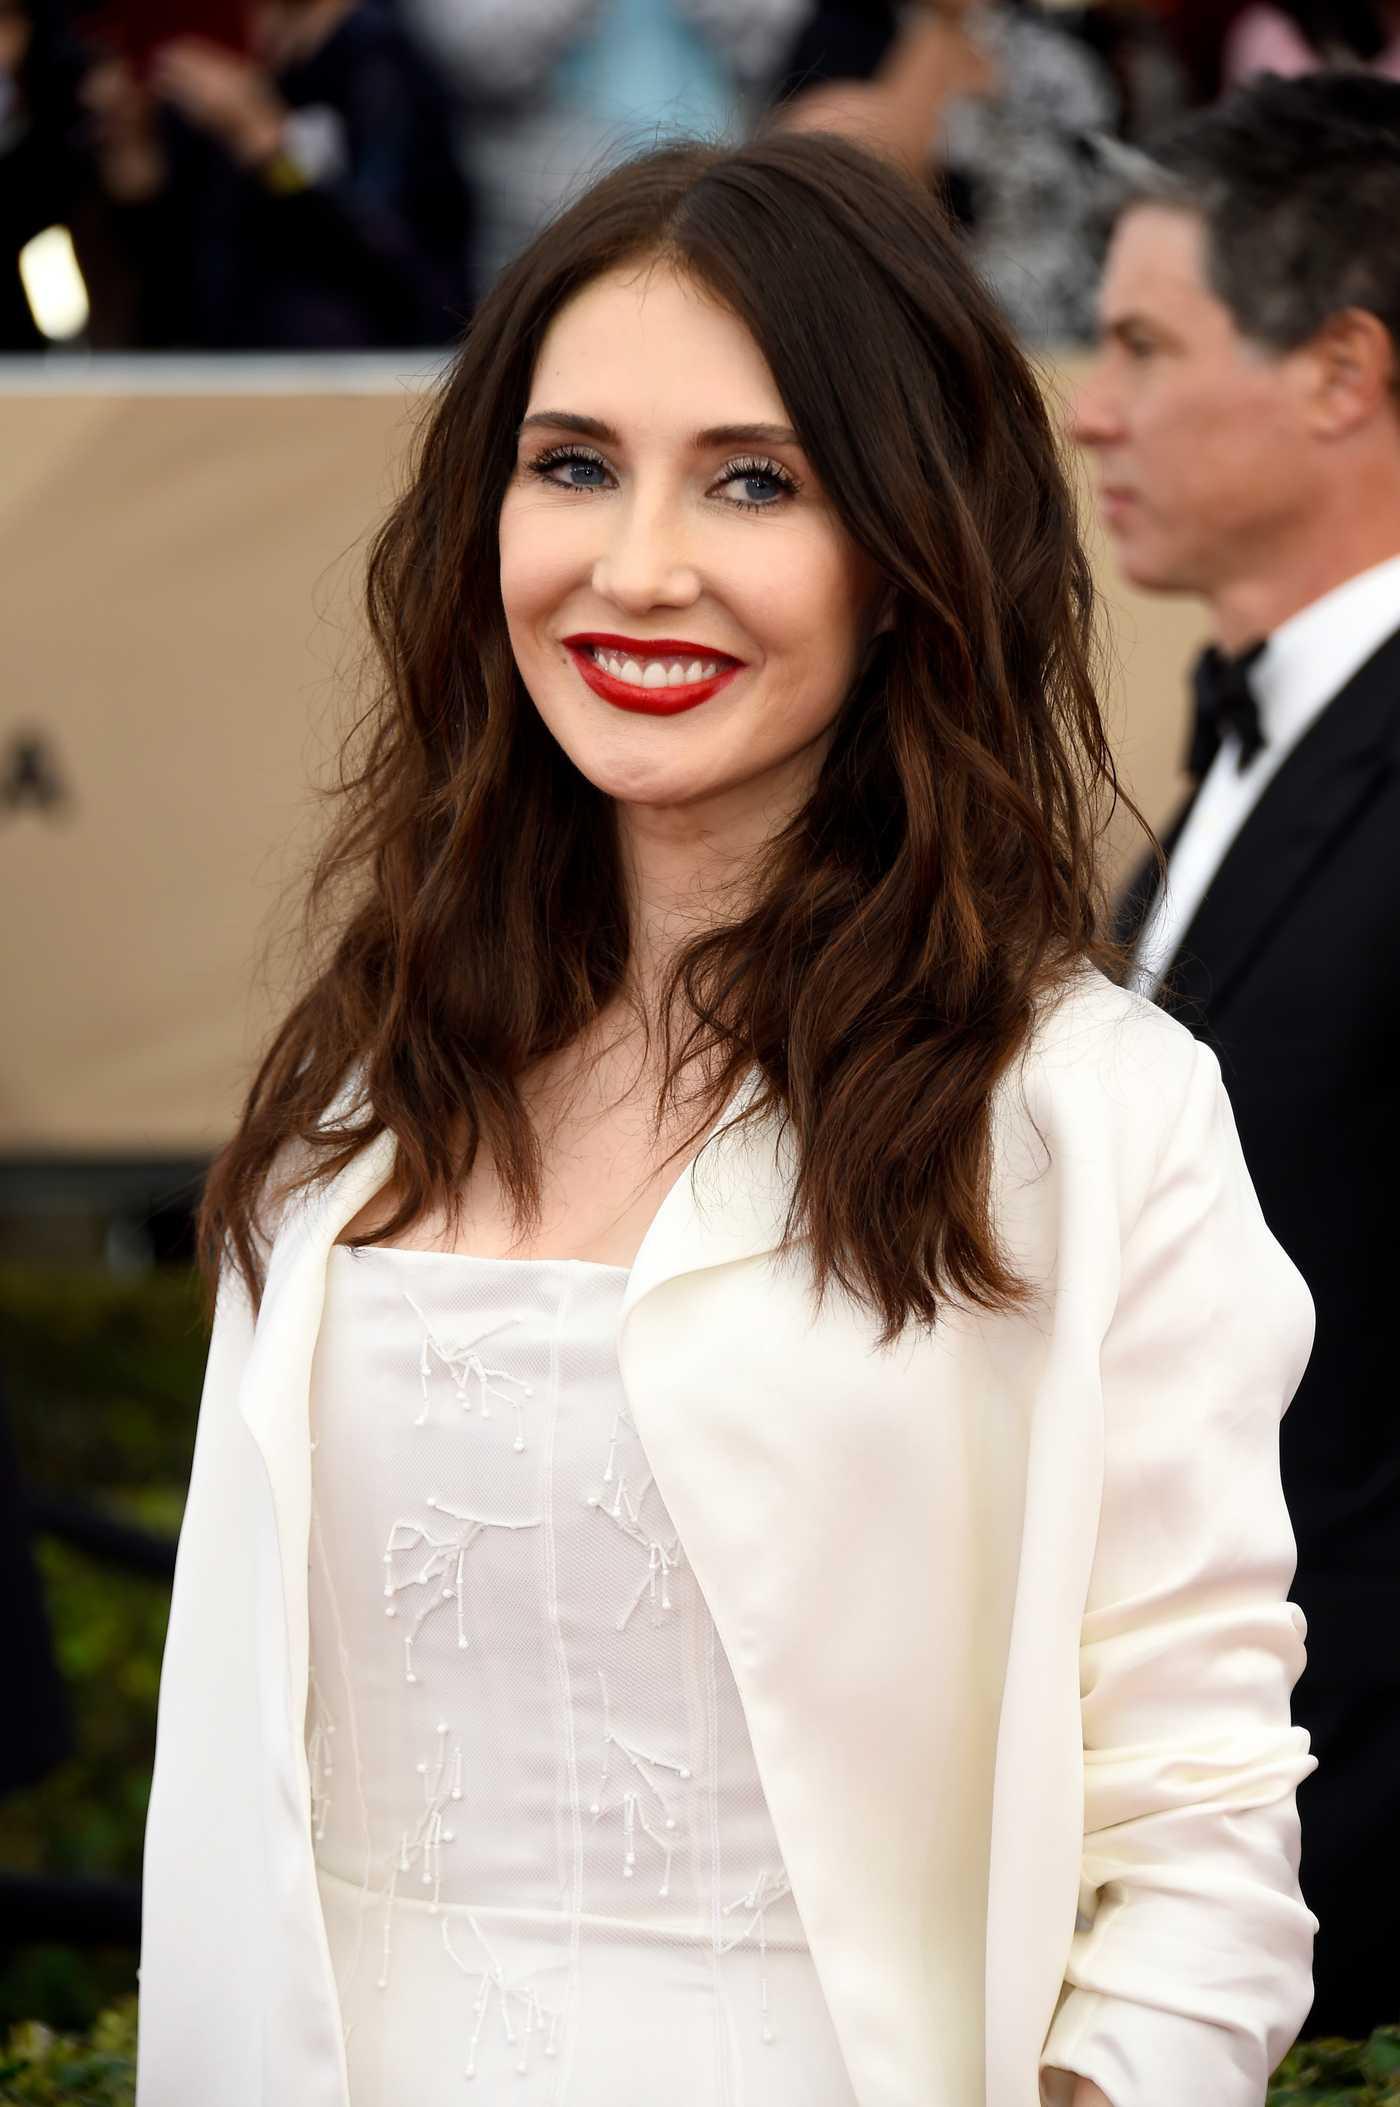 Carice van Houten Annual Screen Actors Guild Awards in Los Angeles